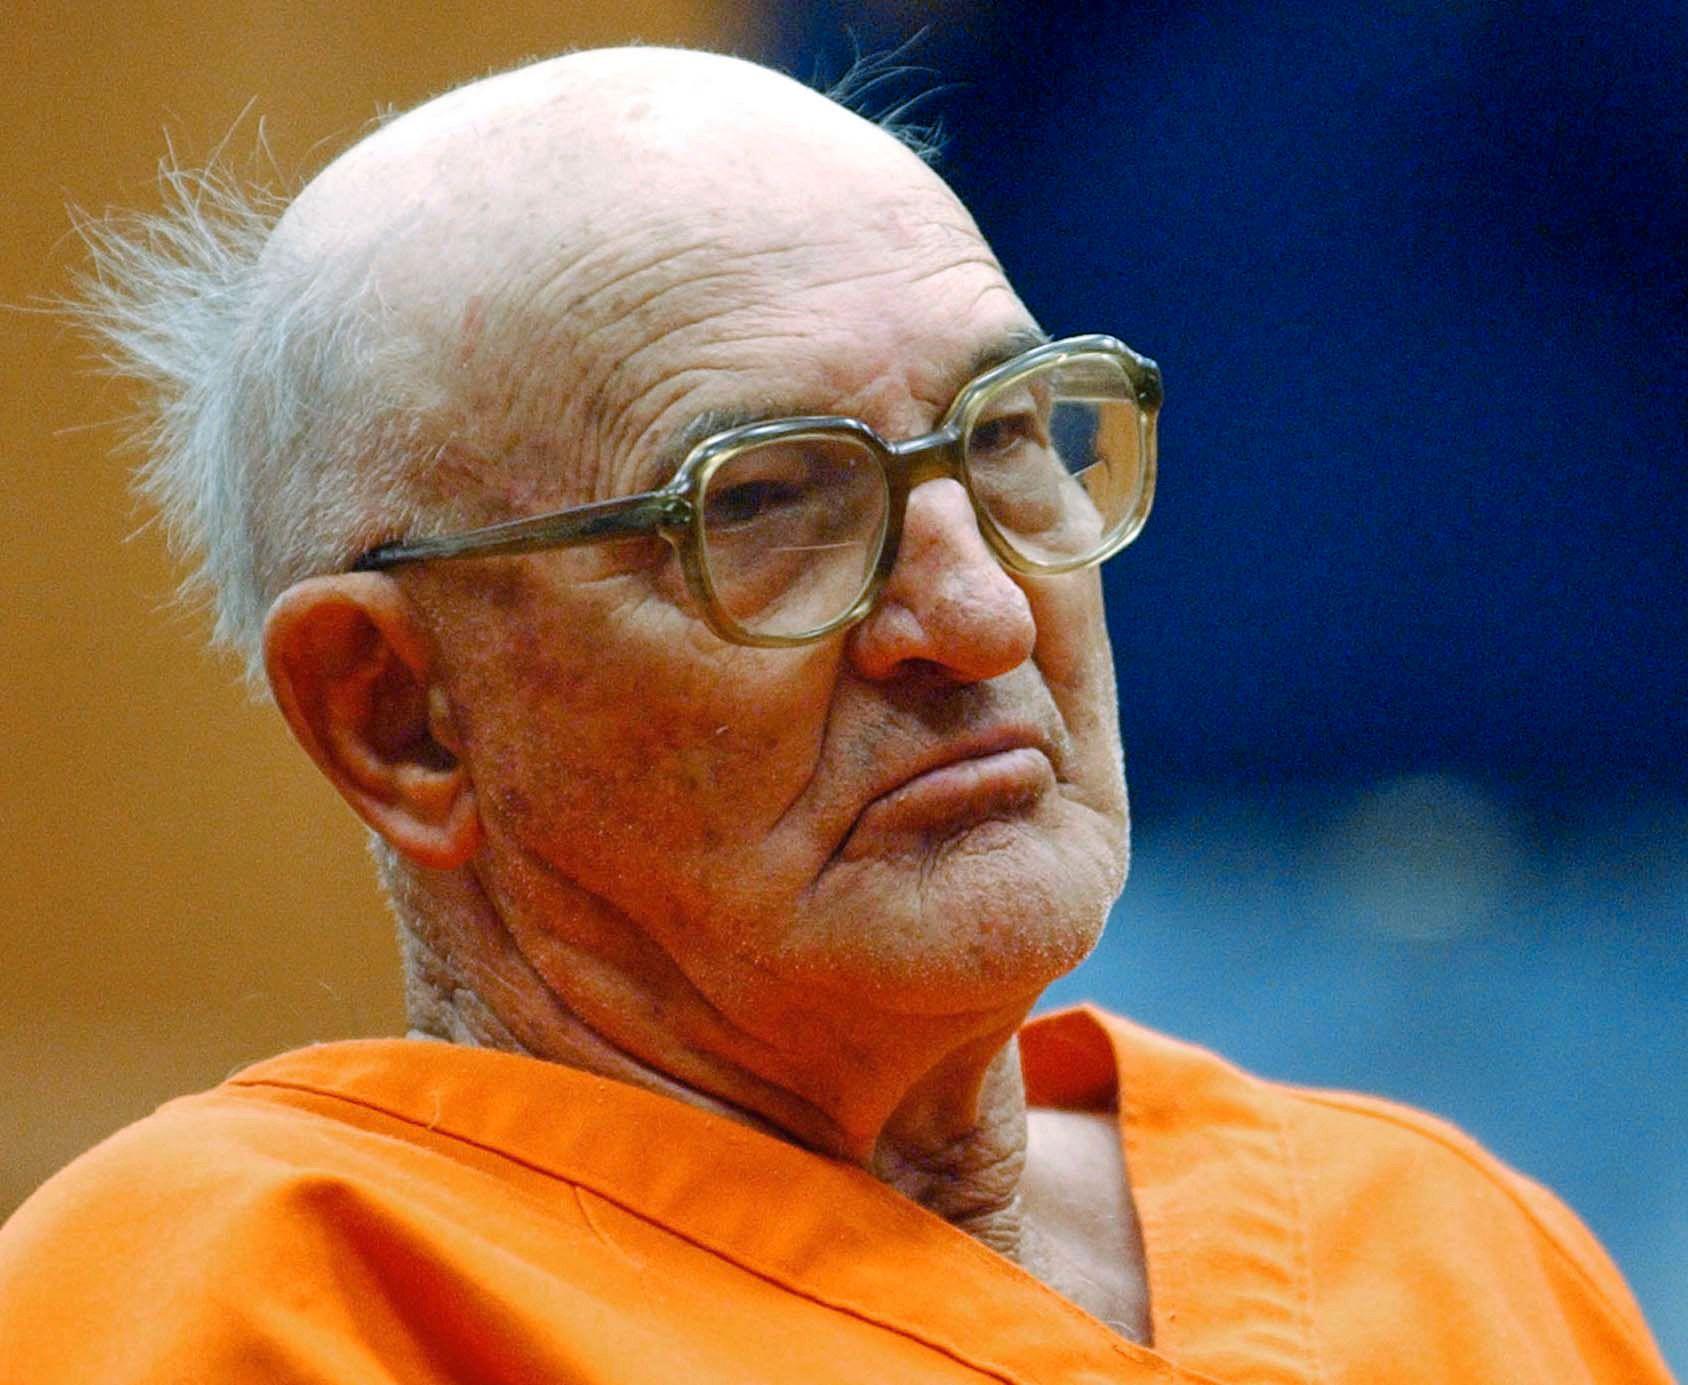 Tidligere Ku Klux Klan-leder Edgar Ray Killen døde torsdag i et fengsel i Mississippi hvor han sonet en drapsdom på 60 år. Han ble 91 år gammel.